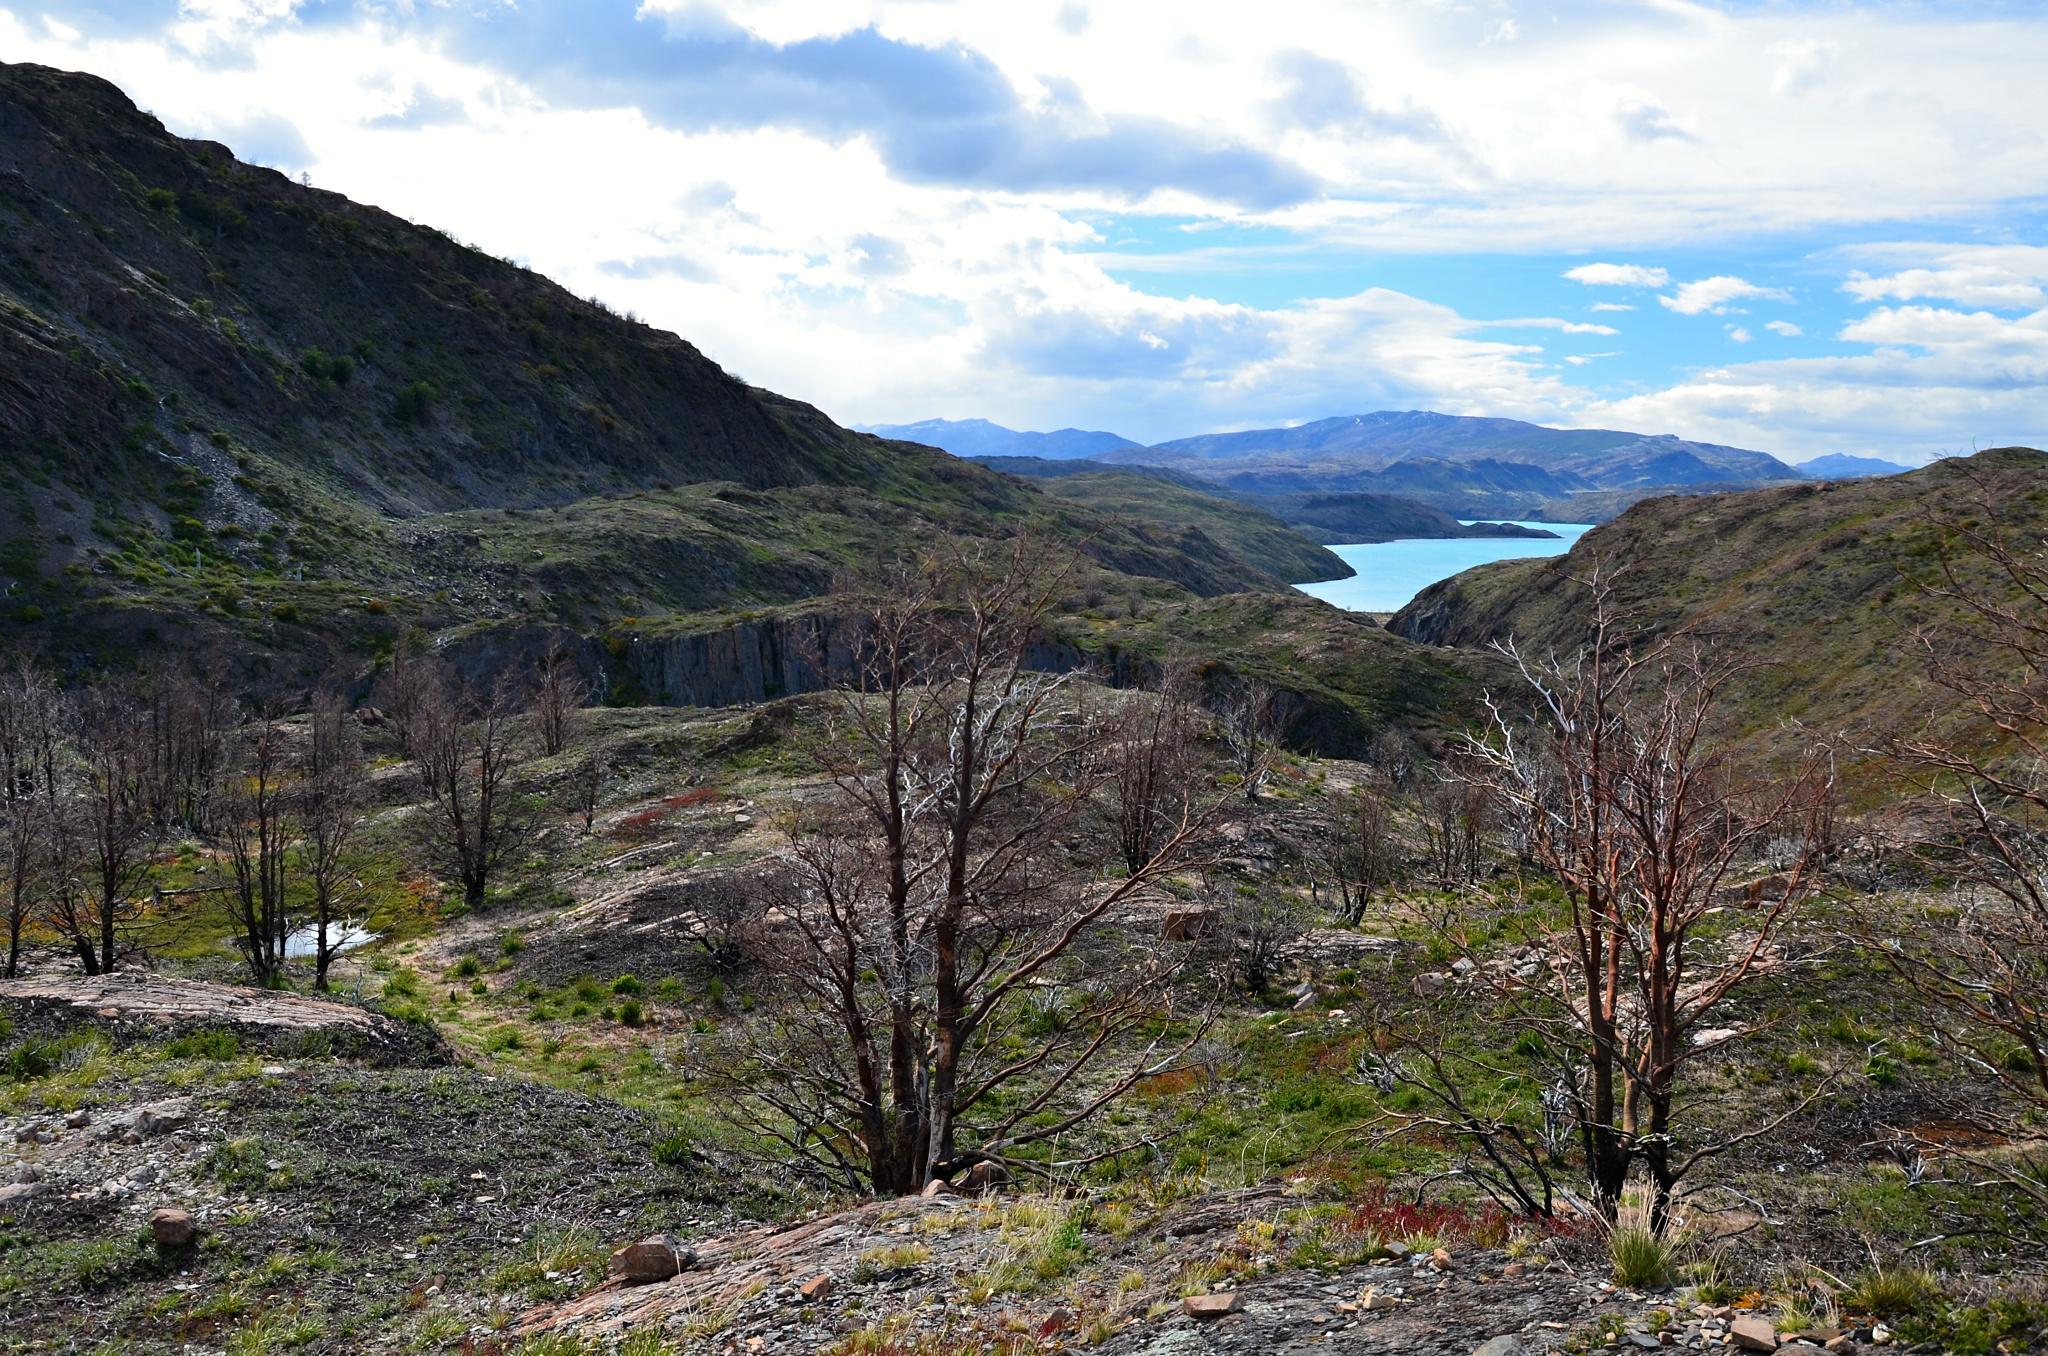 Údolí vedoucí k jezeru Pehoé